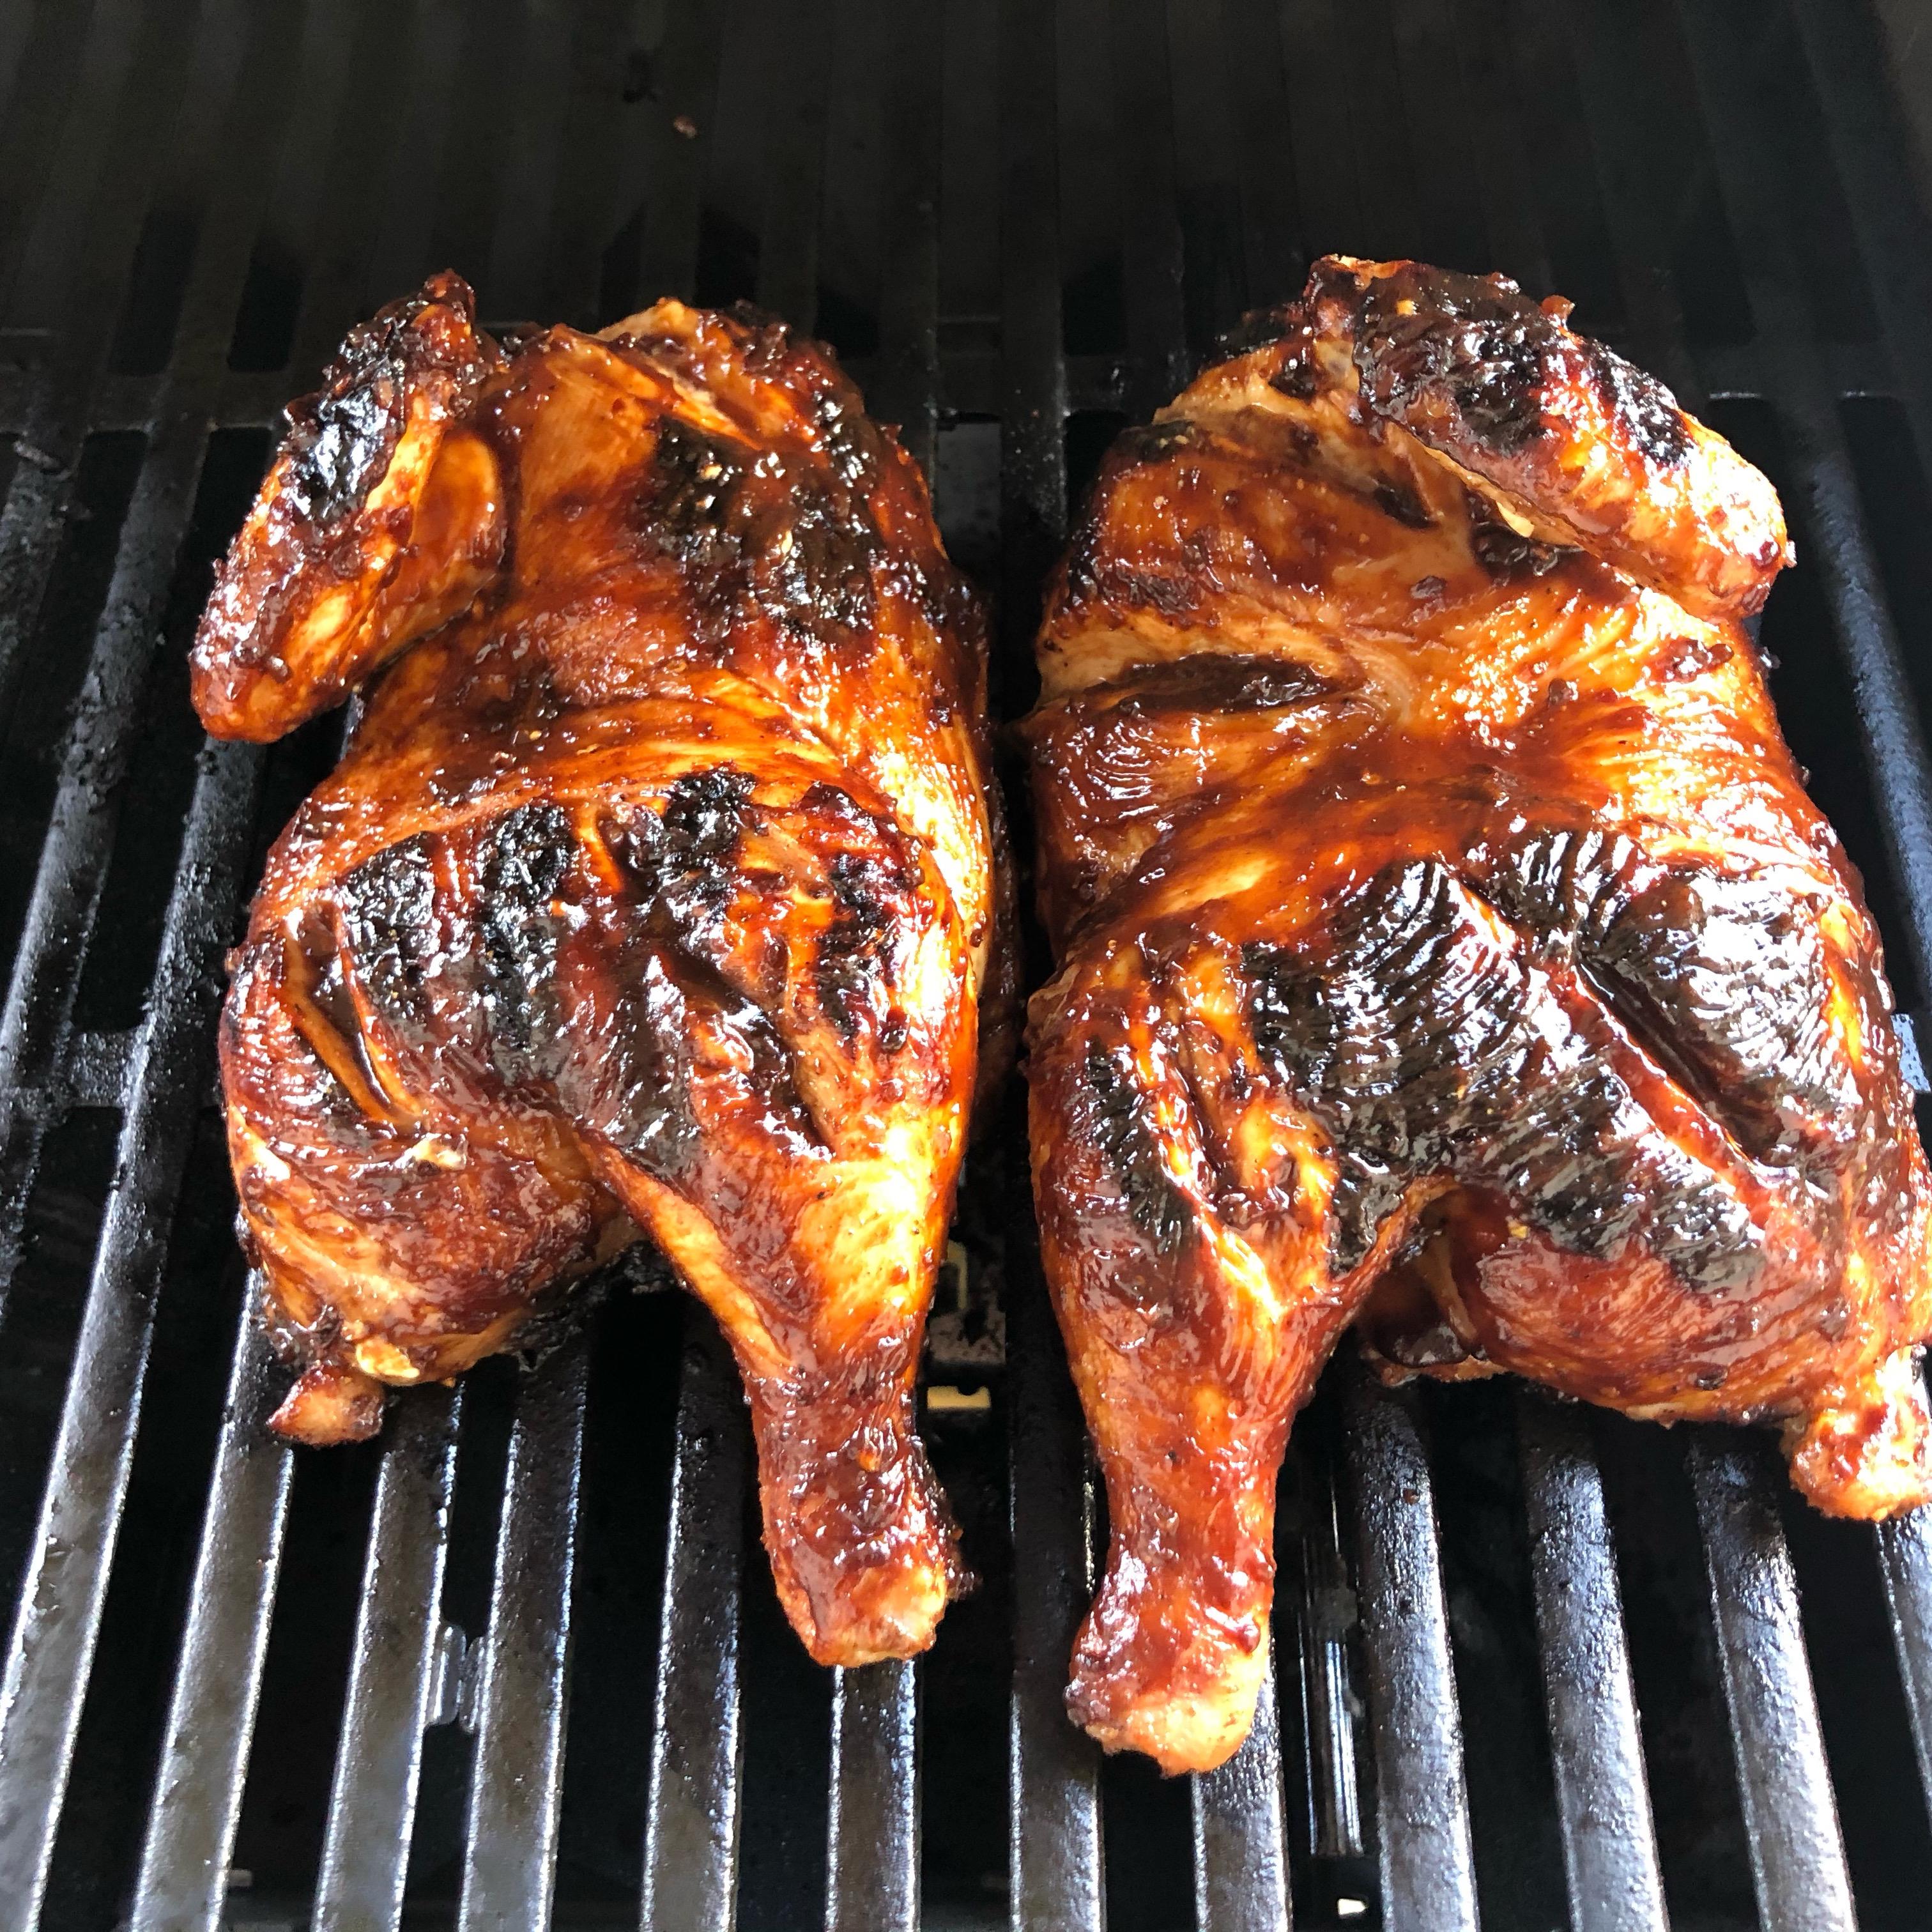 Chef John's Barbecue Chicken